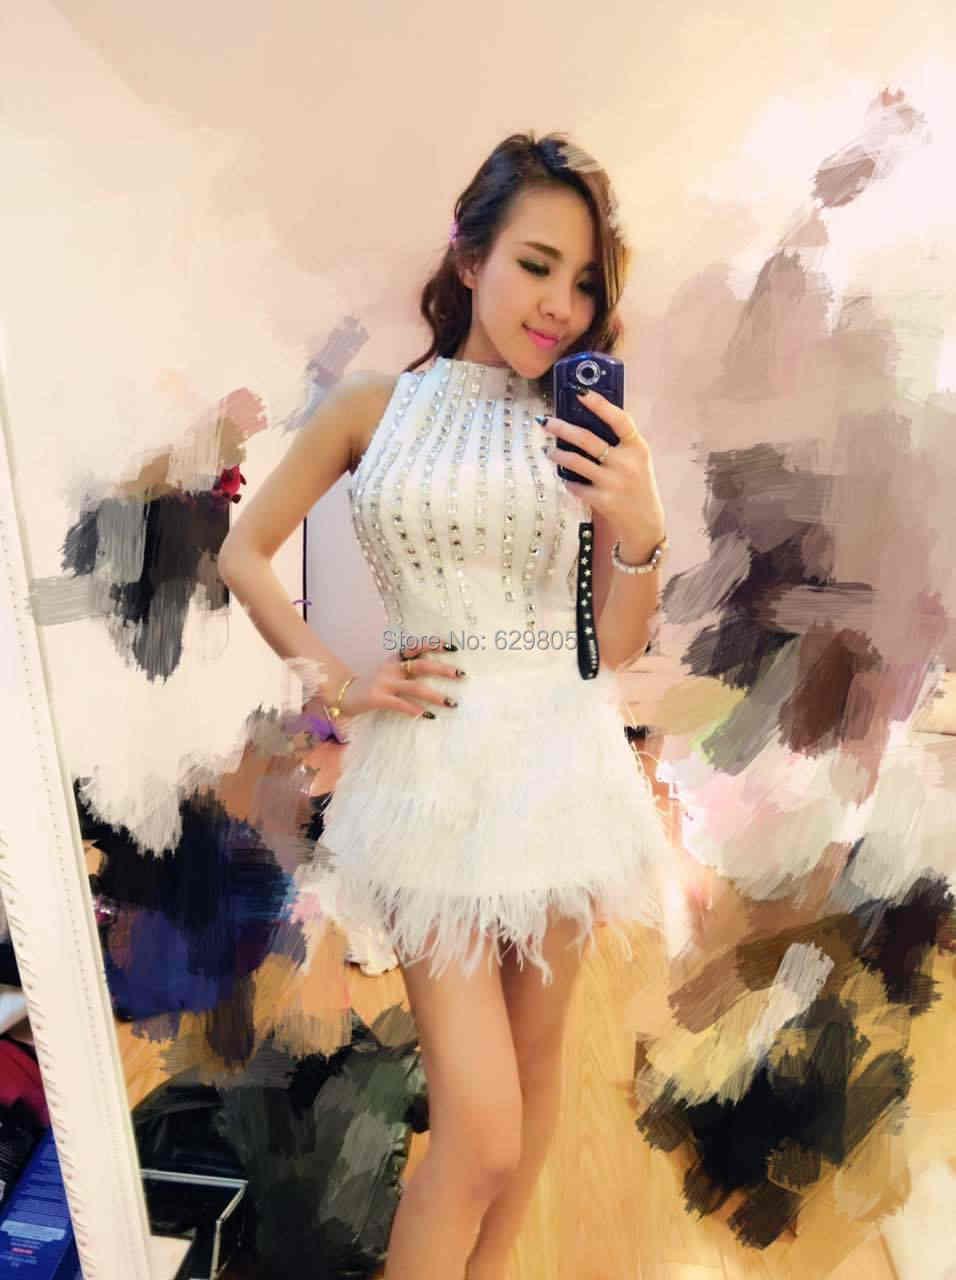 Женские пикантные белый меховой серебристыми блестками цельнокроеное платье комбинезон певица DS DJ Танцы костюмы боди Ночной клуб фотографии